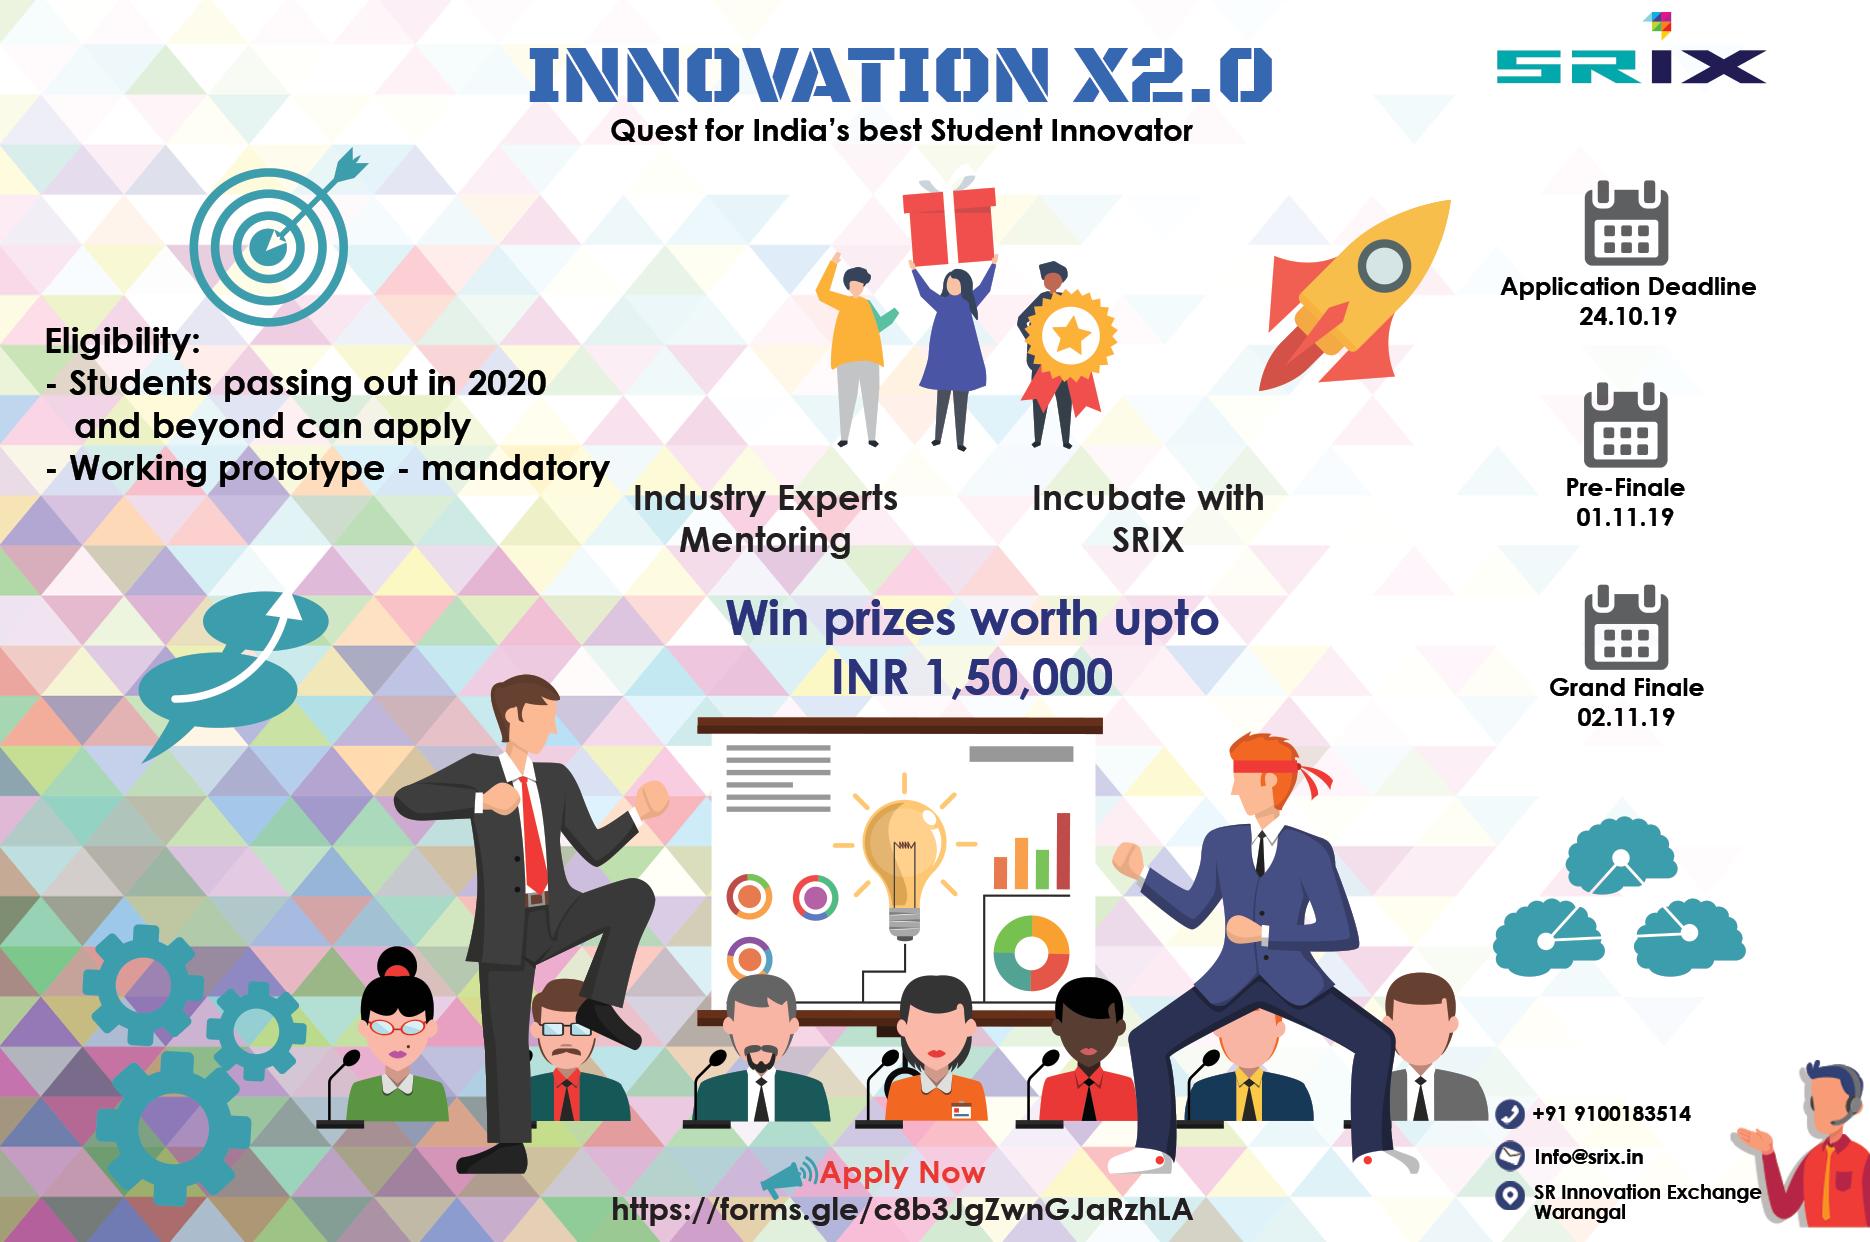 innovation x2.0